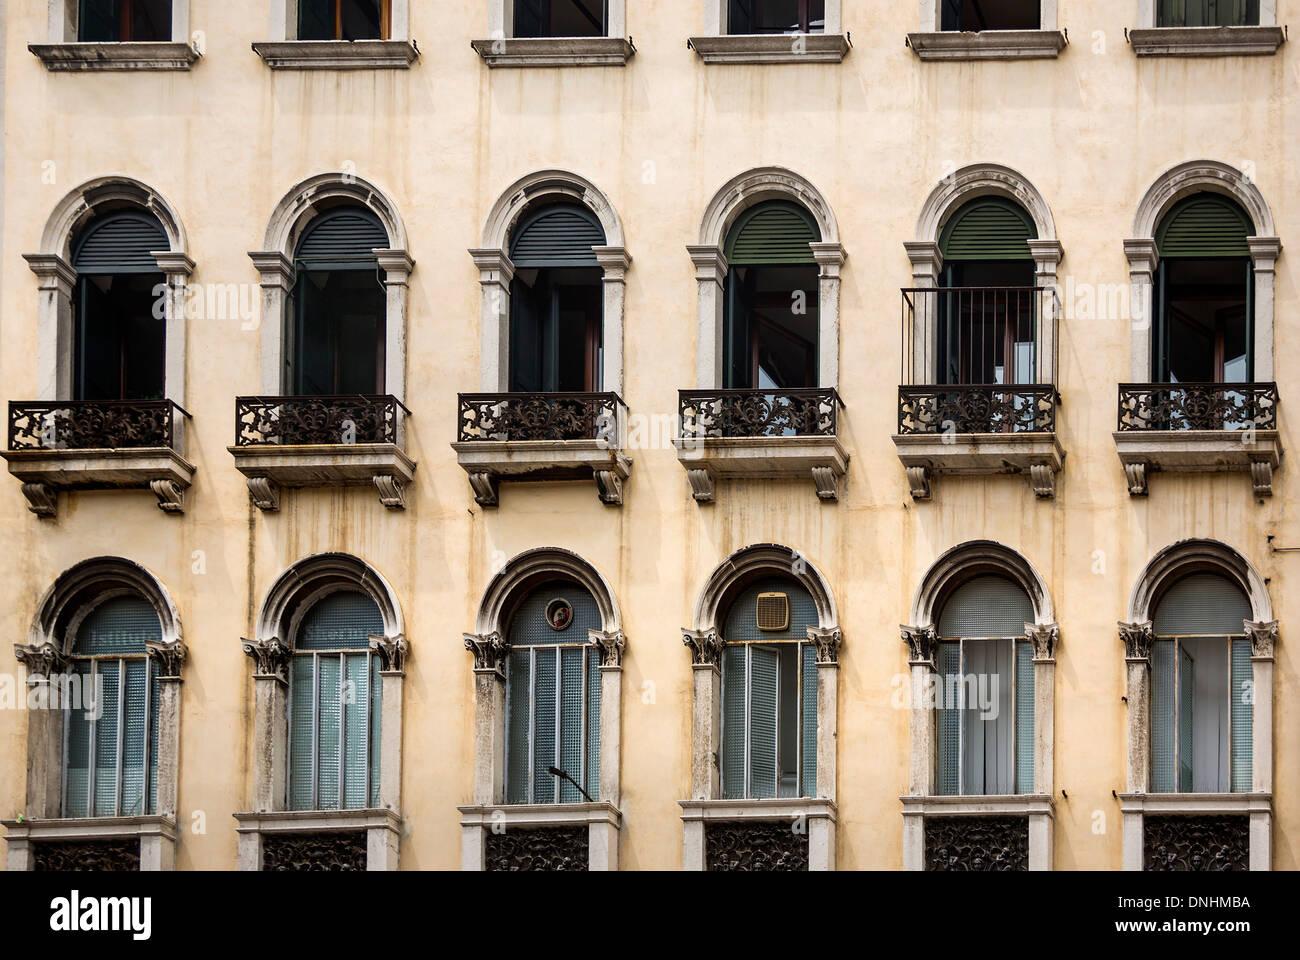 Ángulo de visión baja de un edificio, Venecia, Véneto, Italia Foto de stock